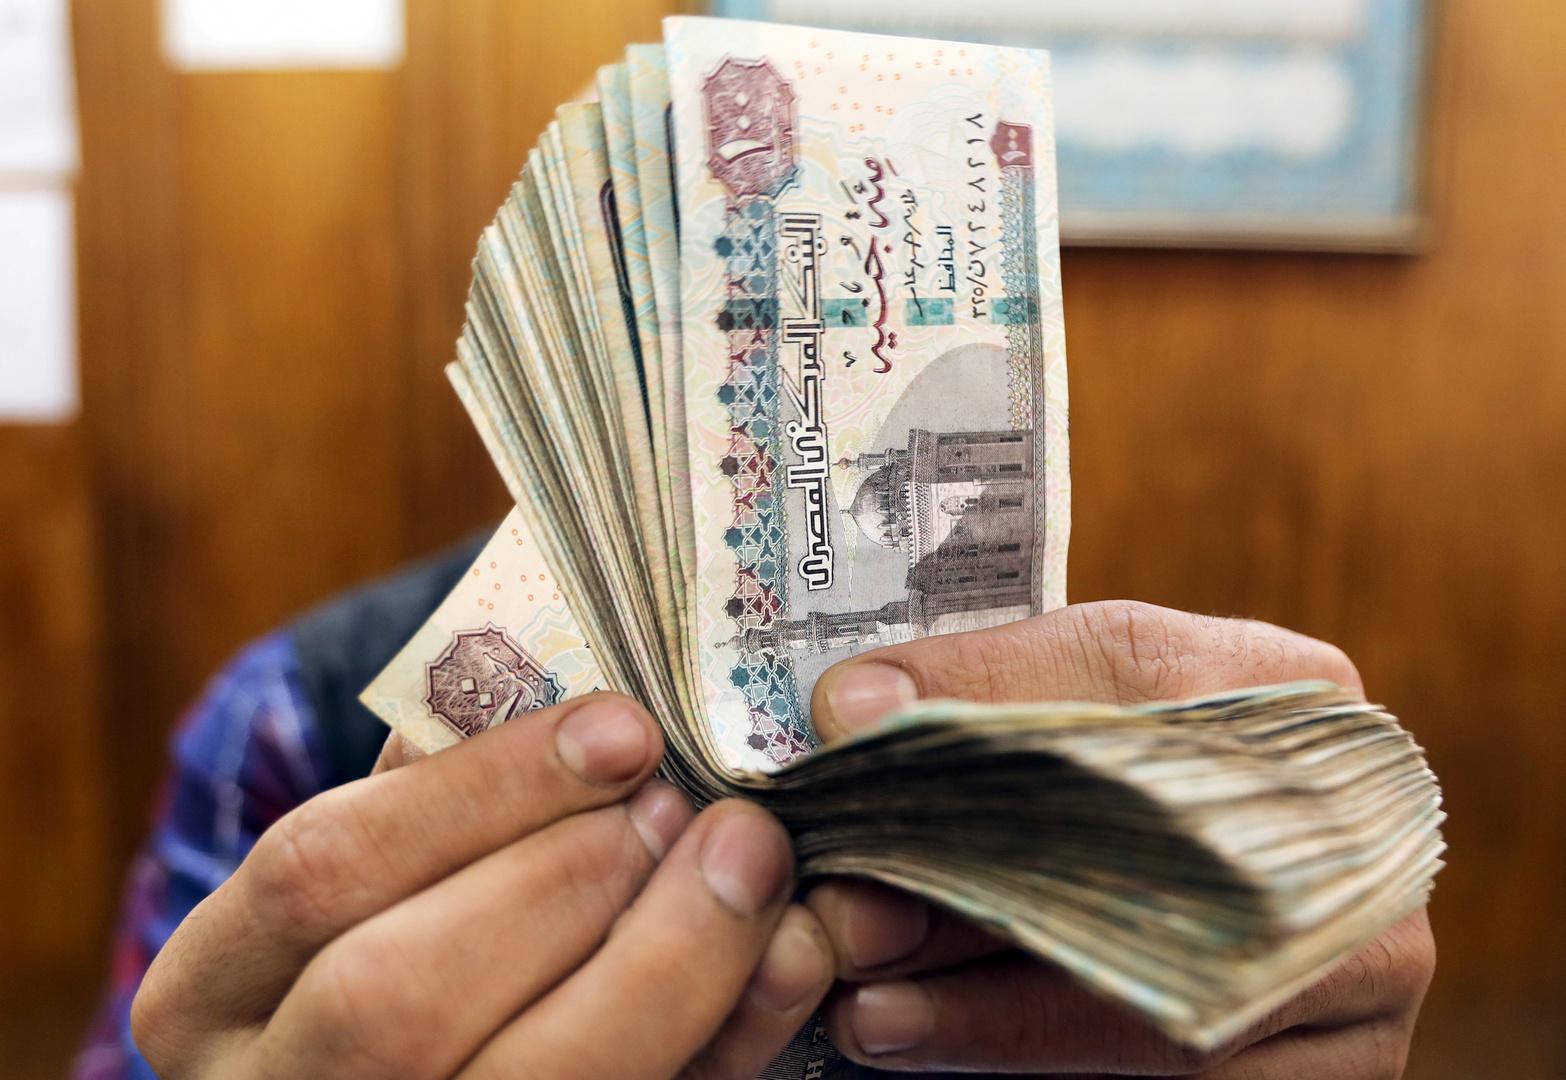 مصر تستهدف 6.6% عجزا في مشروع ميزانية 2021-2022